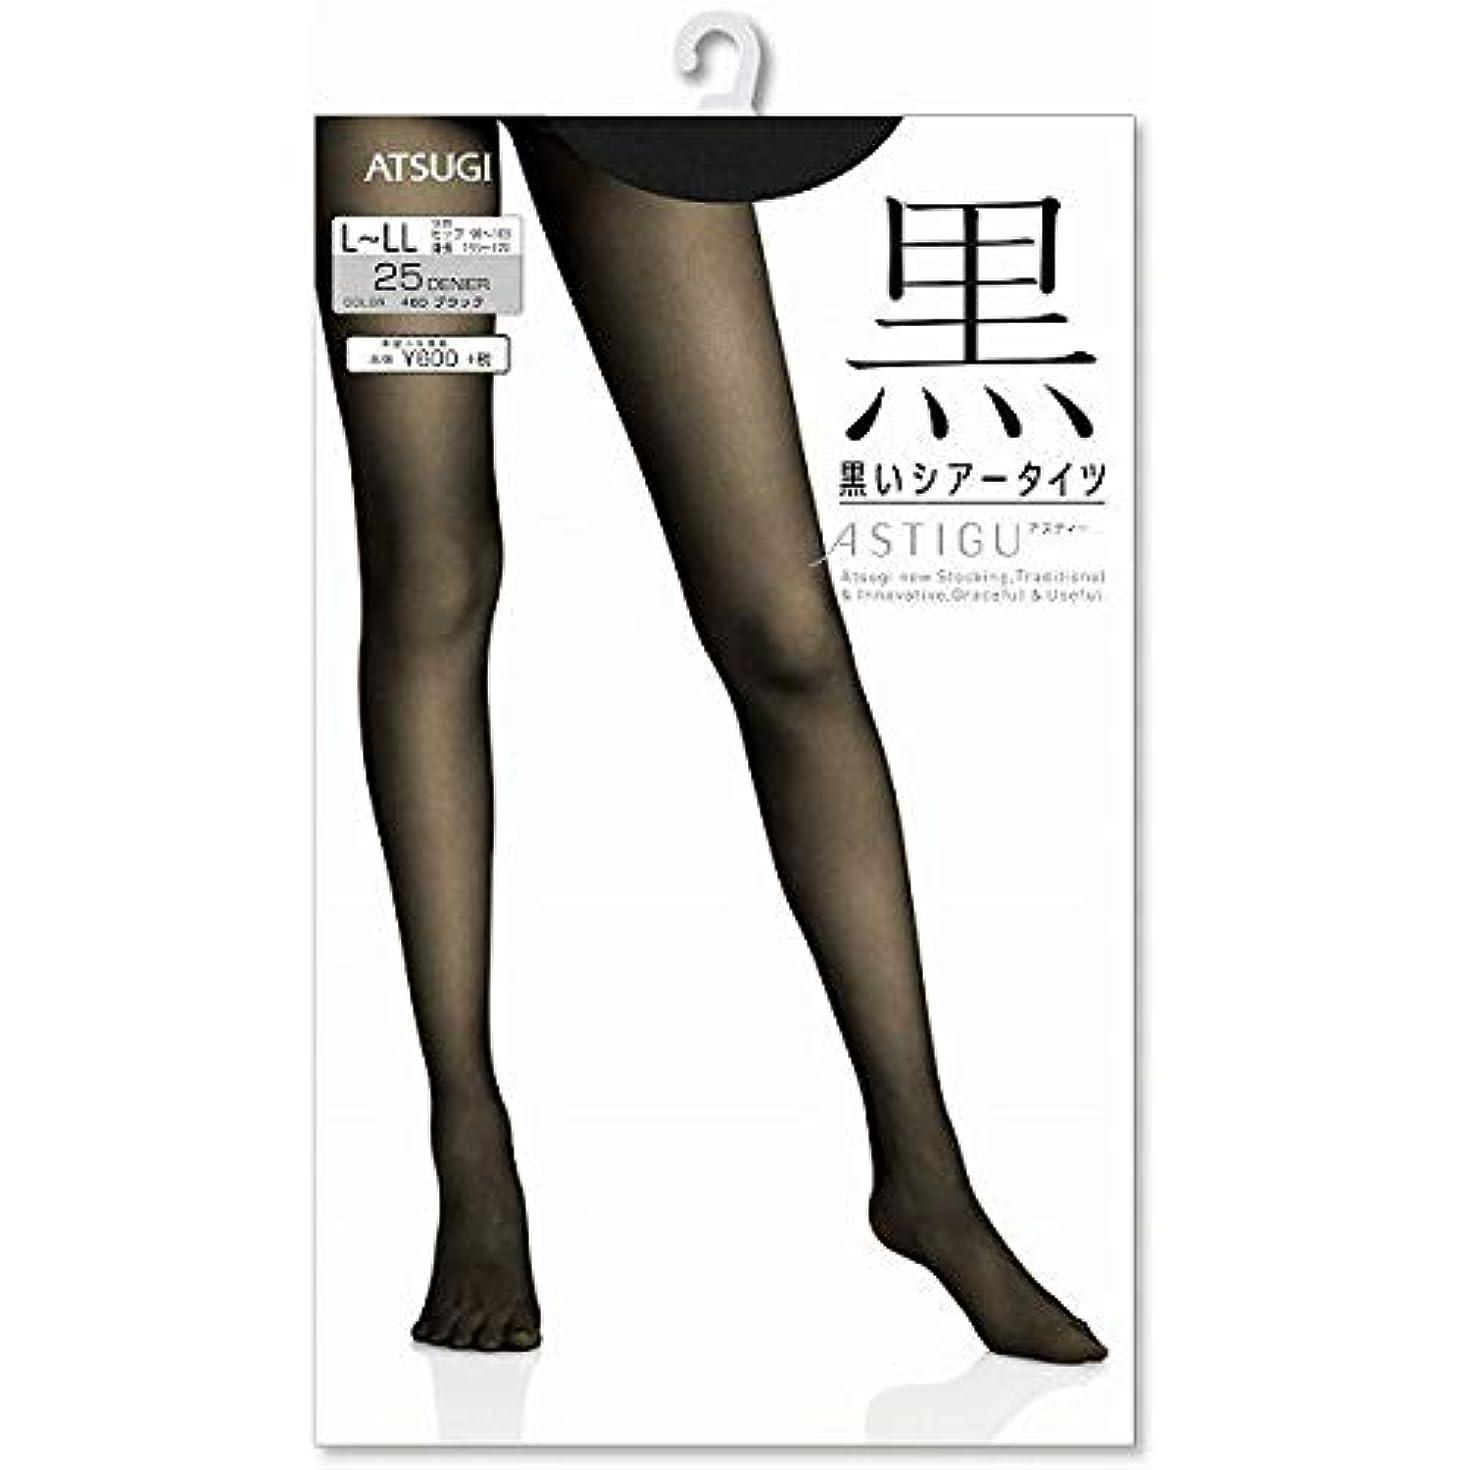 スカルク偉業木製アツギ ASTIGU(アスティーグ) 黒いシアータイツ(ブラック)サイズ M~L